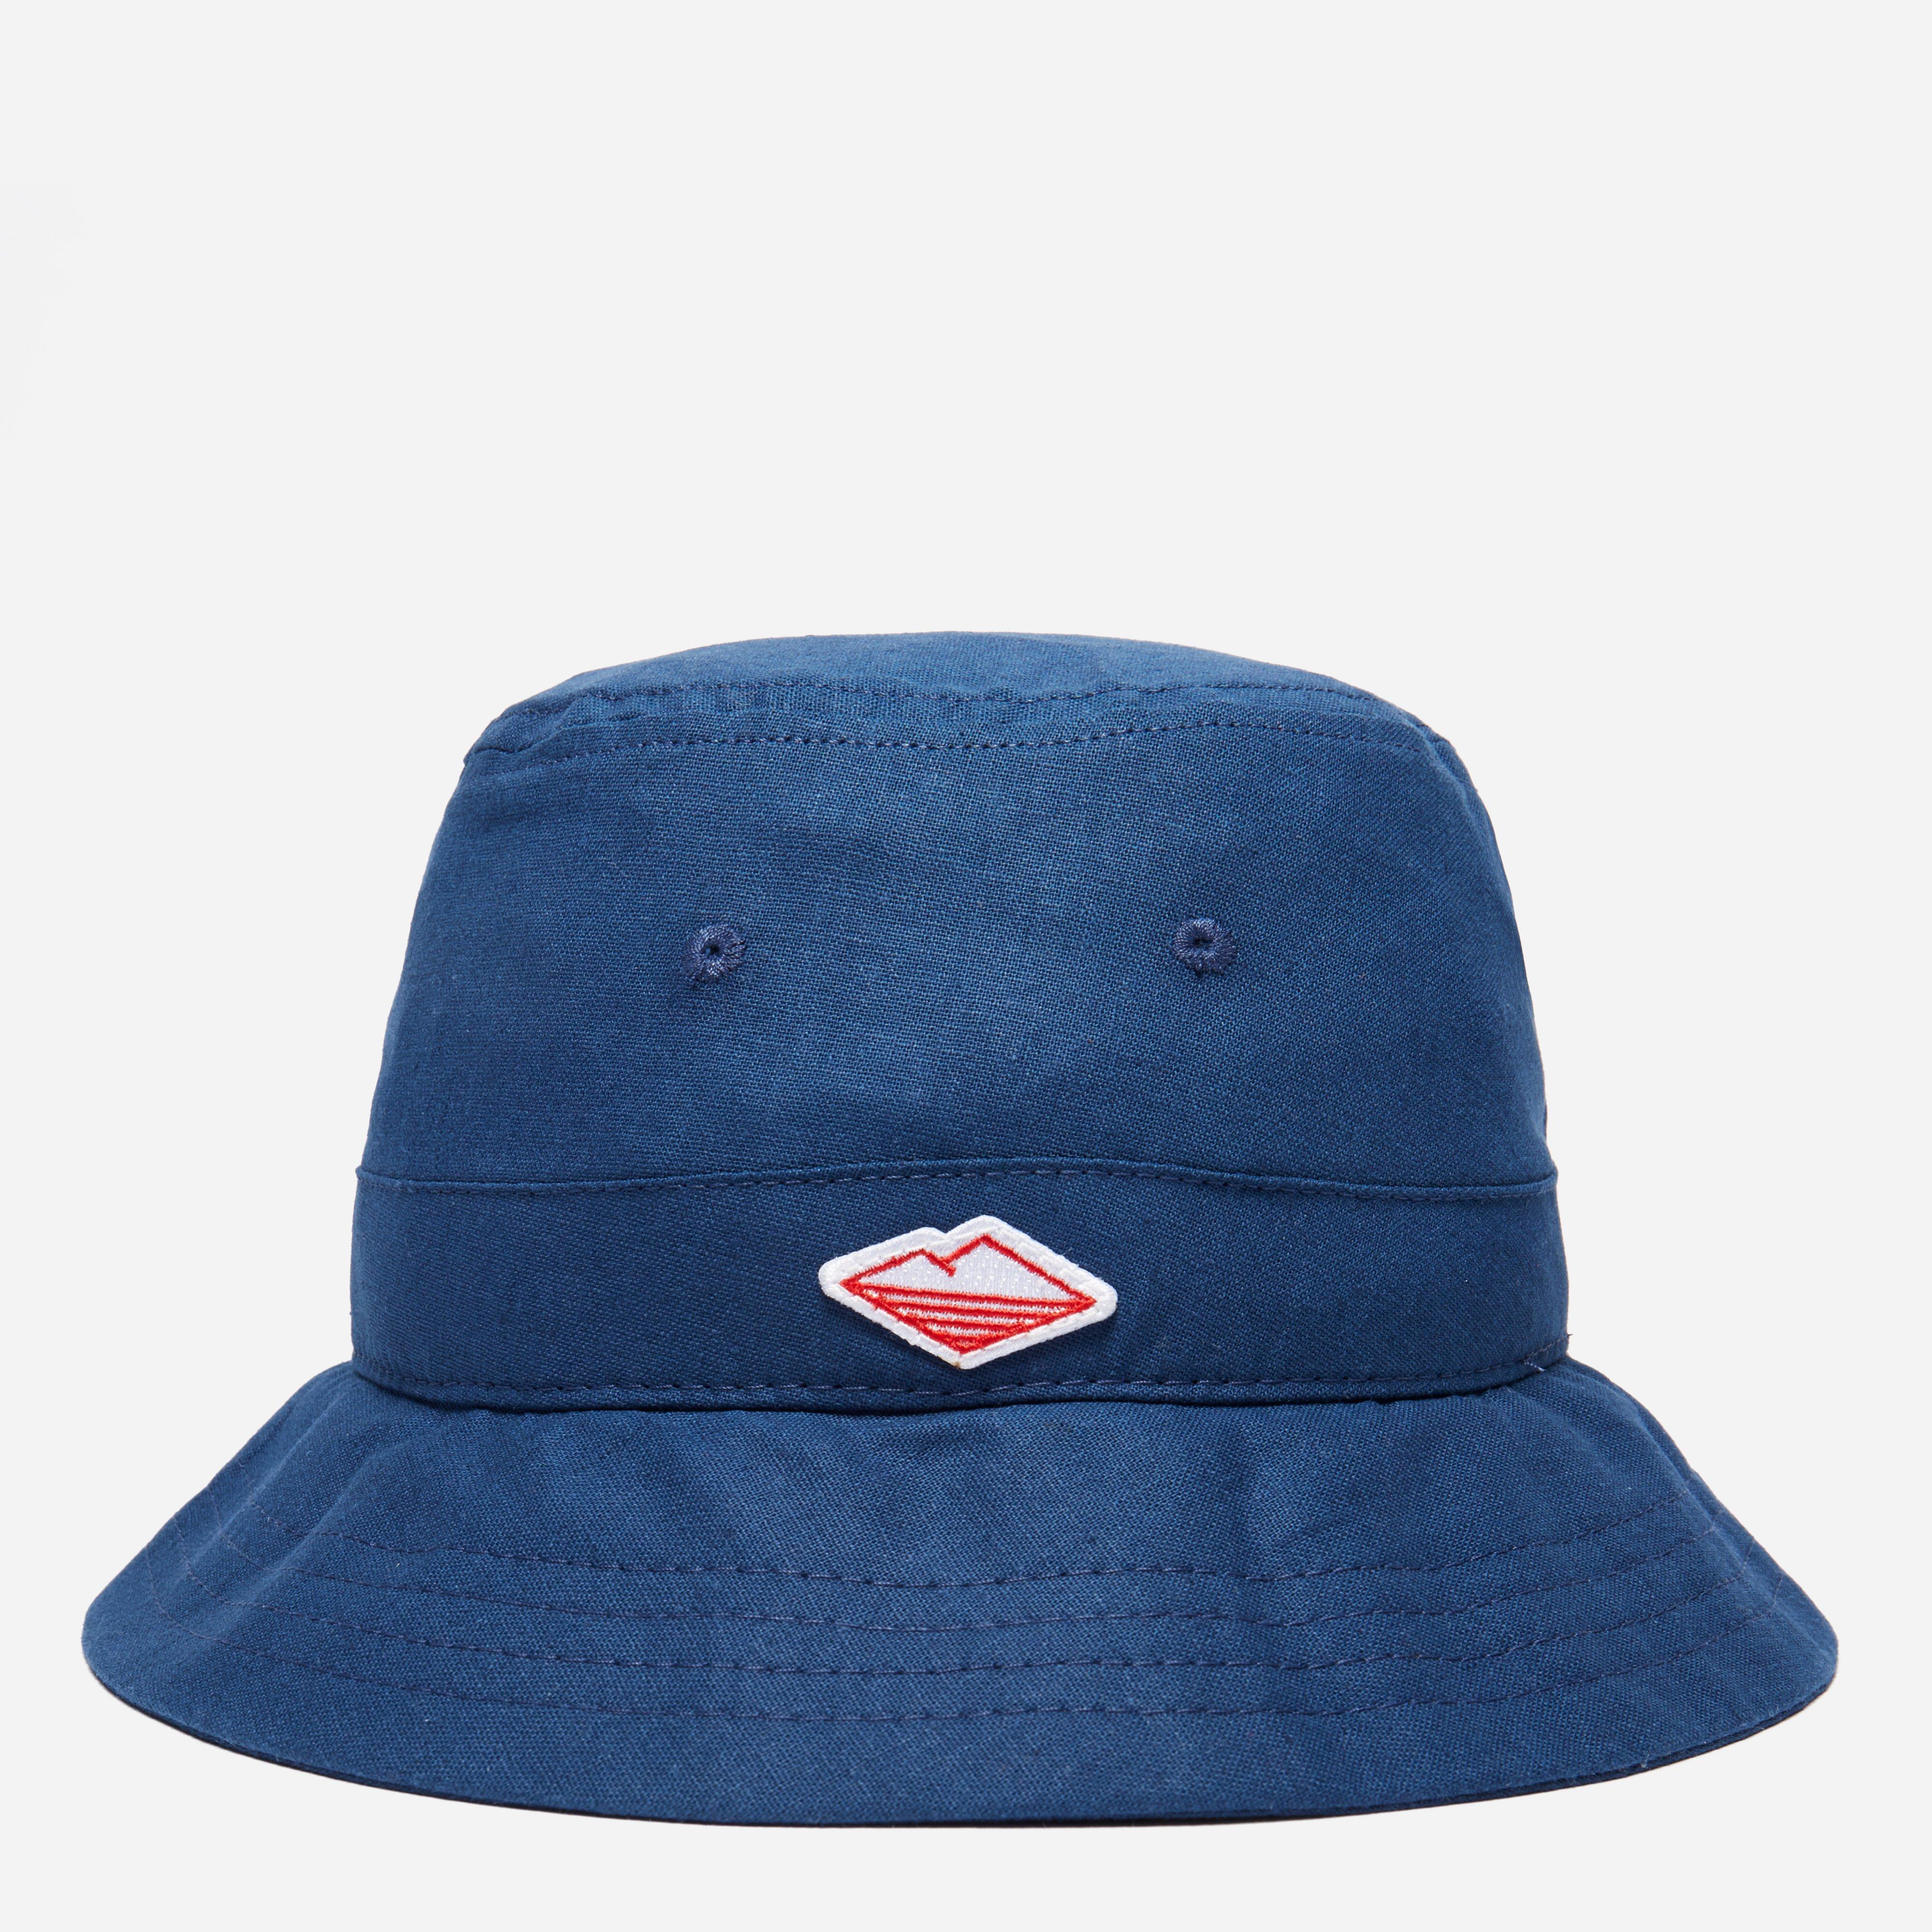 9774f9e4ca3 Lyst - Battenwear Bucket Hat in Blue for Men